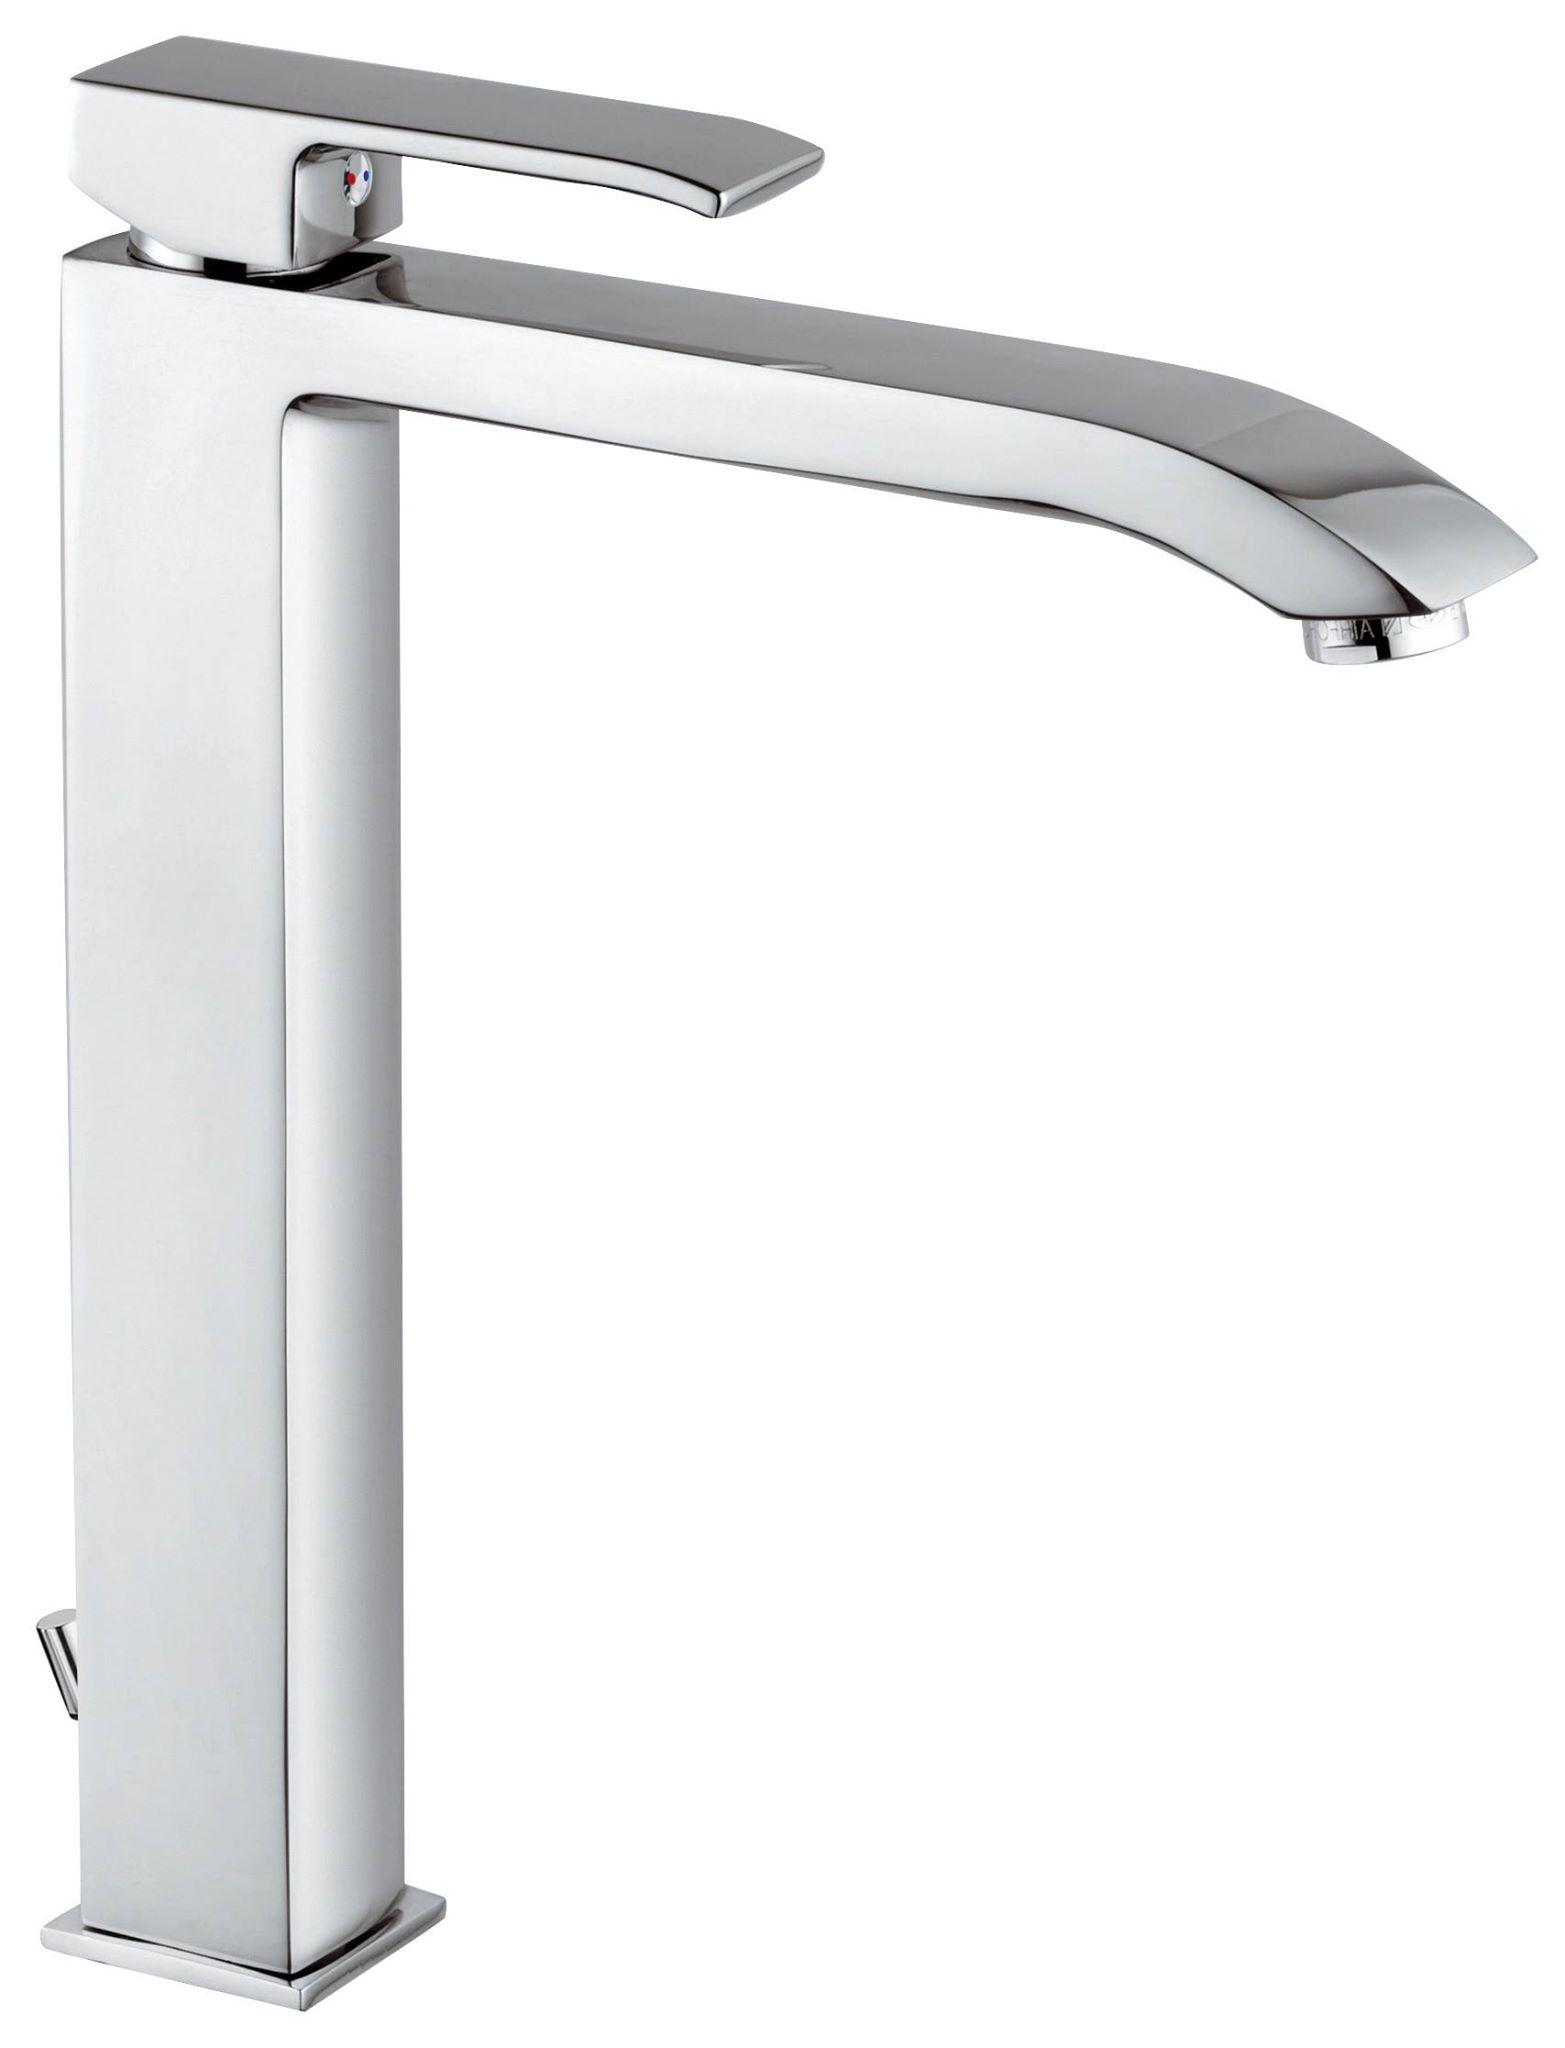 VÒI CHẬU NÓNG LẠNH PAFFONI LES081CR3 (Vòi lavabo model: LES081CR3)